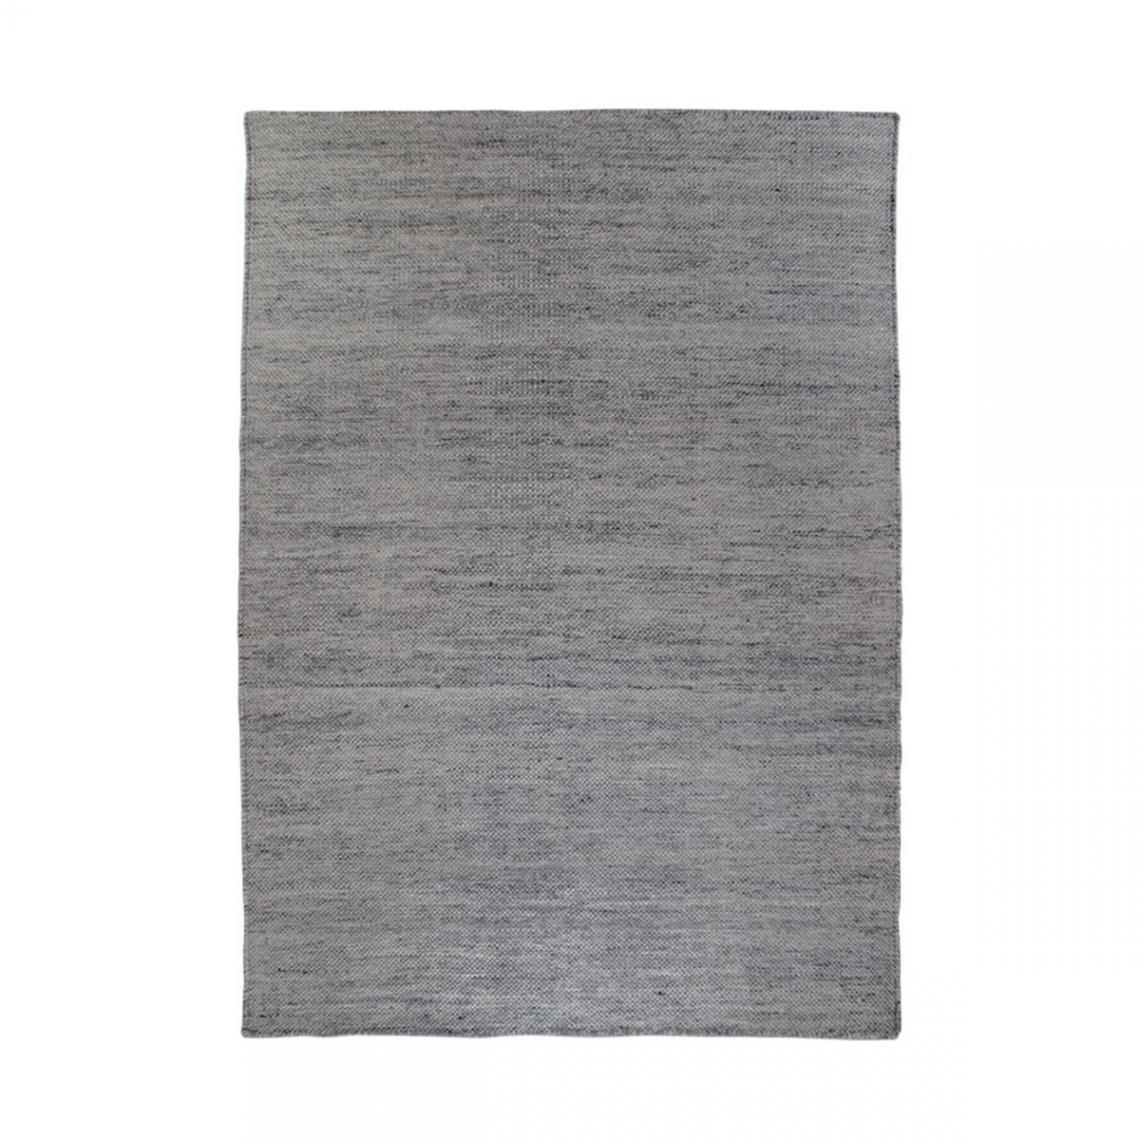 tapis tisse a la main gris graphite 160 x 230 cm utah